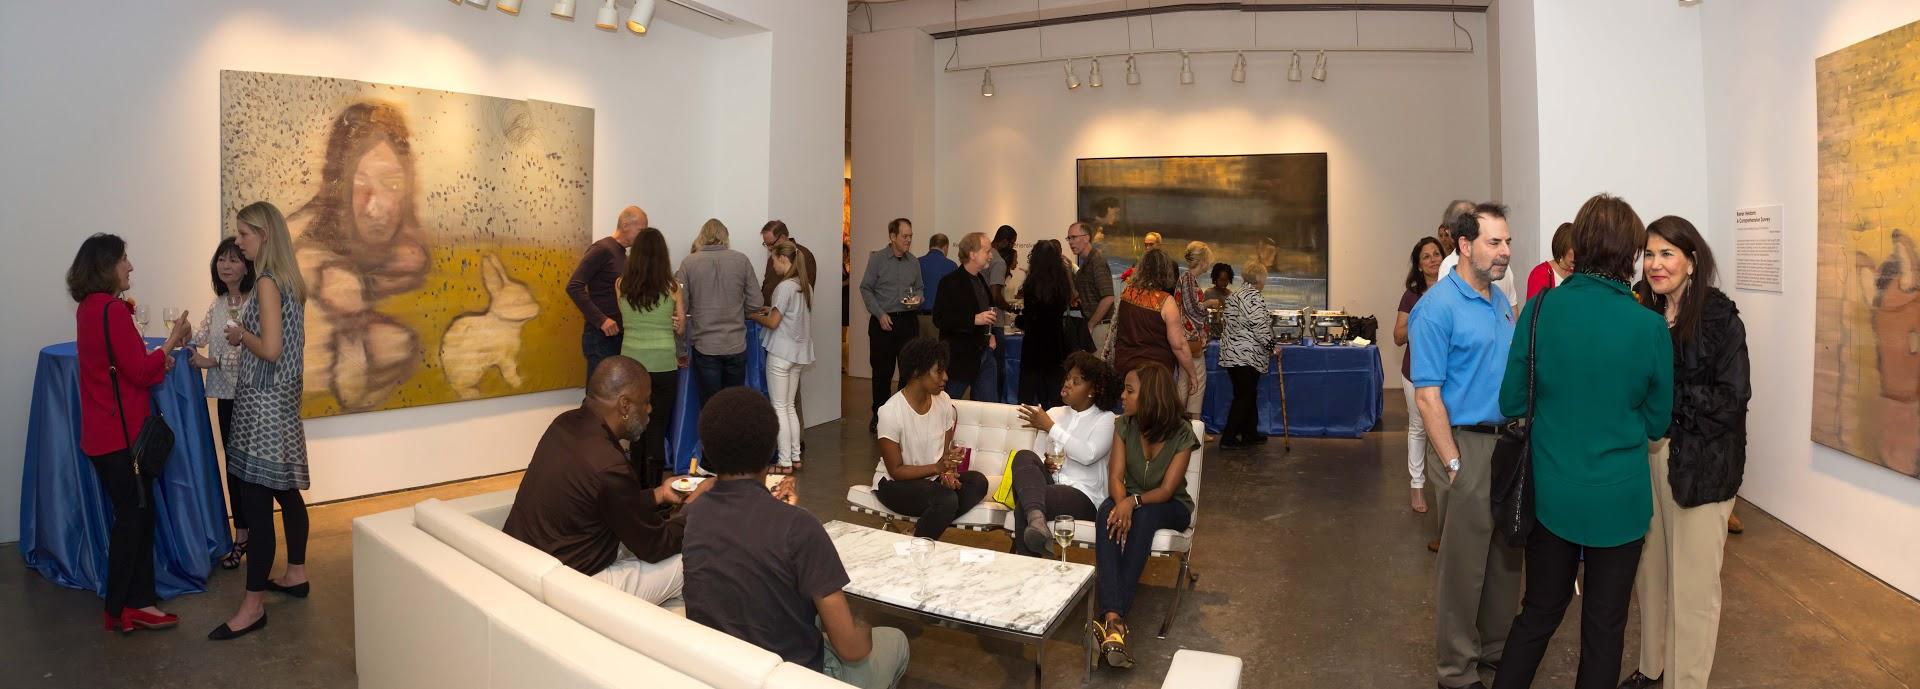 Bill Lowe Gallery Reiner Heidorn Opening 25.jpg